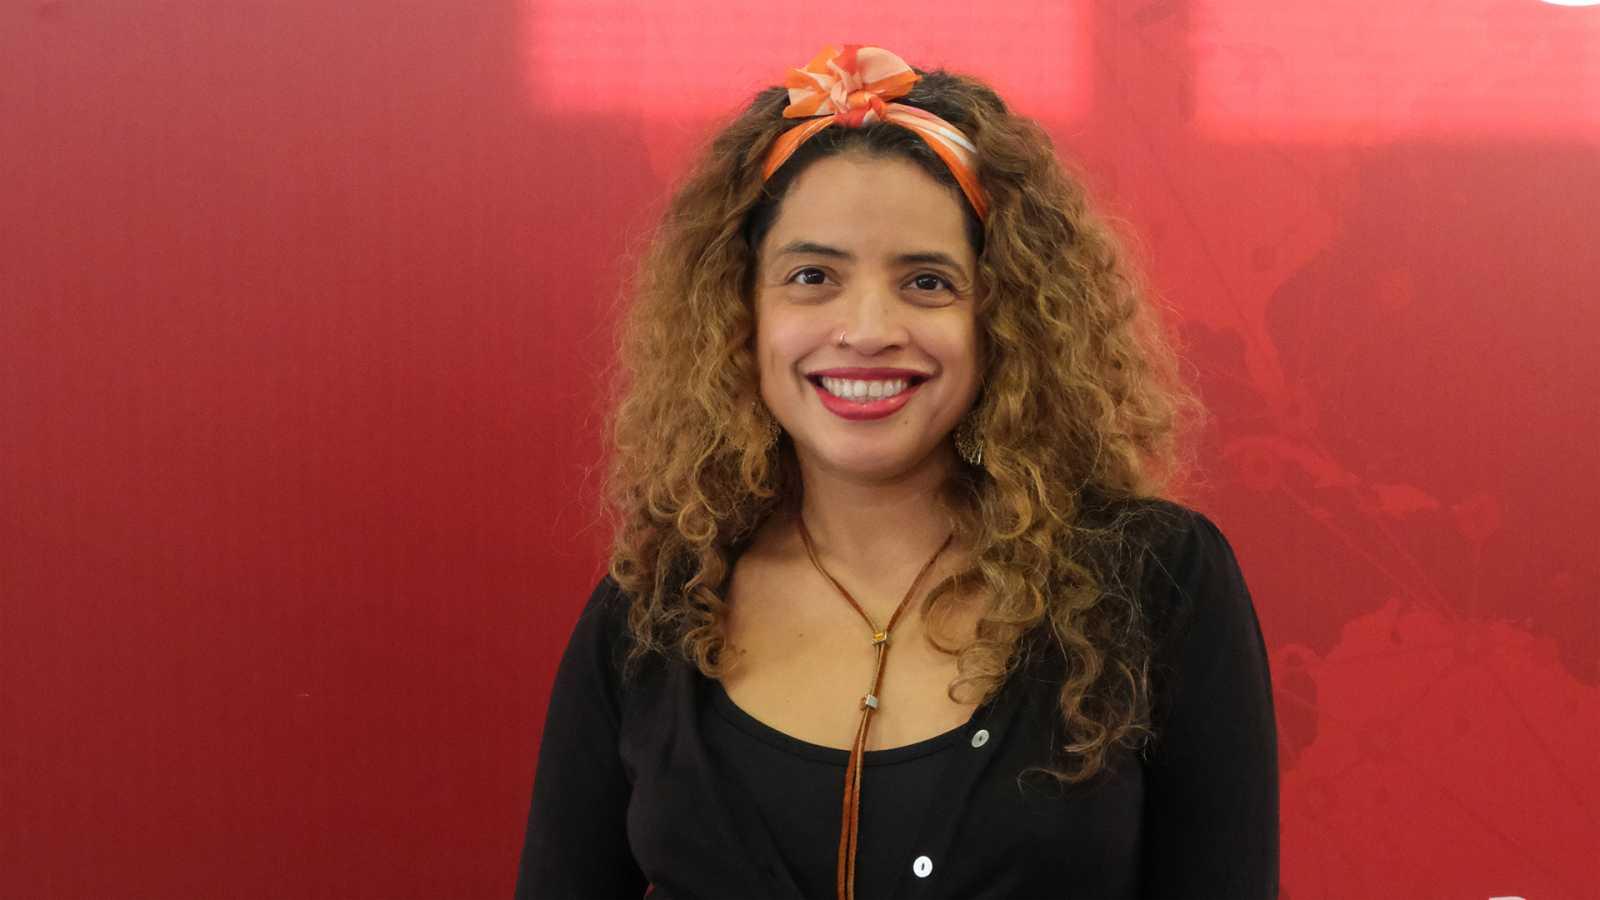 Emisión en árabe - Conversamos con la poeta, escritora y artista audiovisual colombiana Lilian Pallarés - 07/11/19 - escuchar ahora